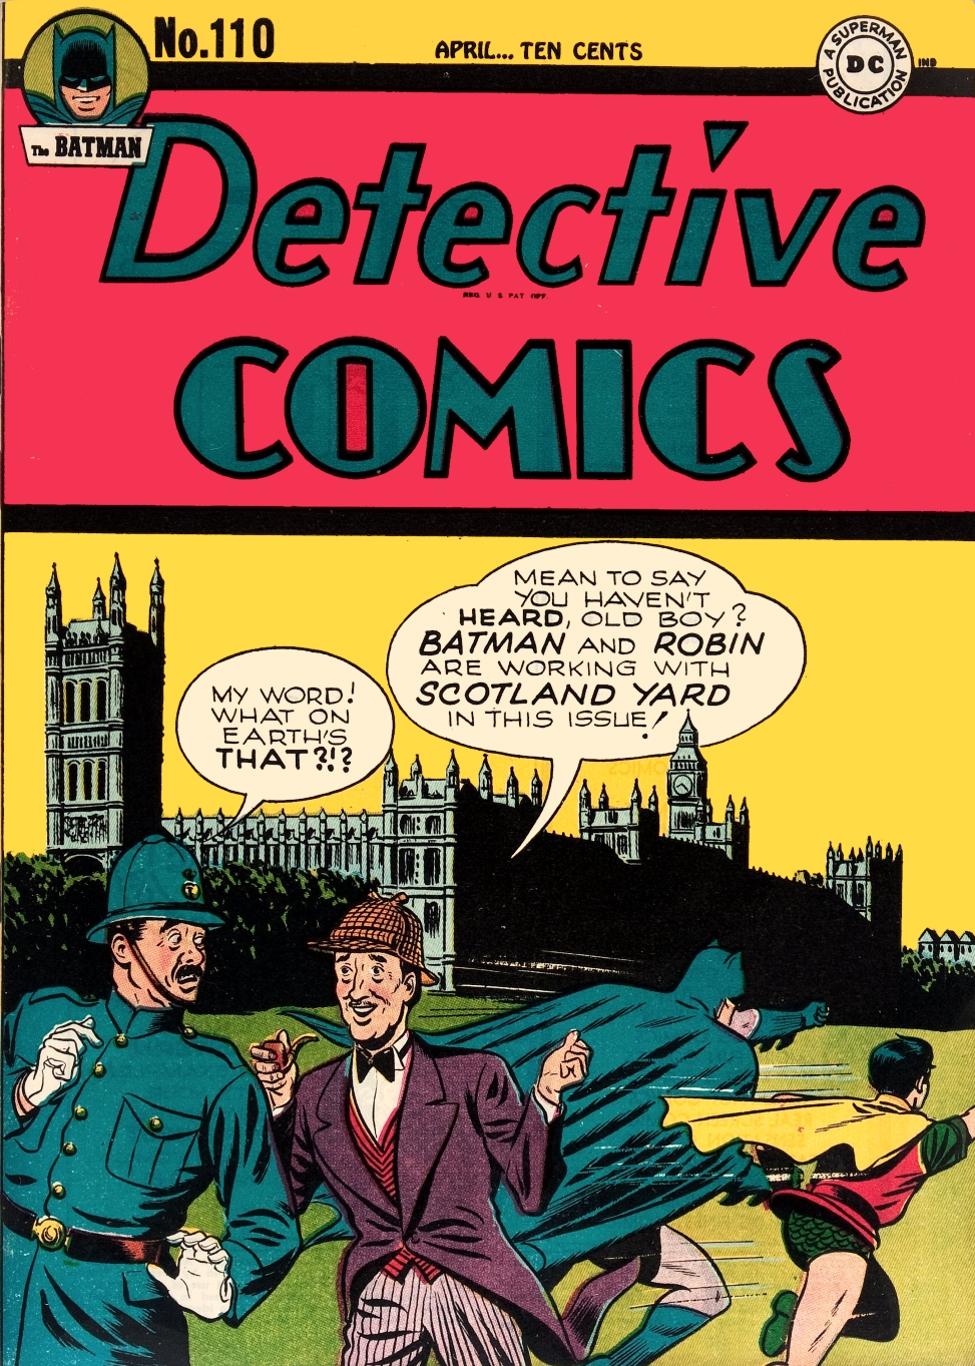 Detective Comics Vol 1 110